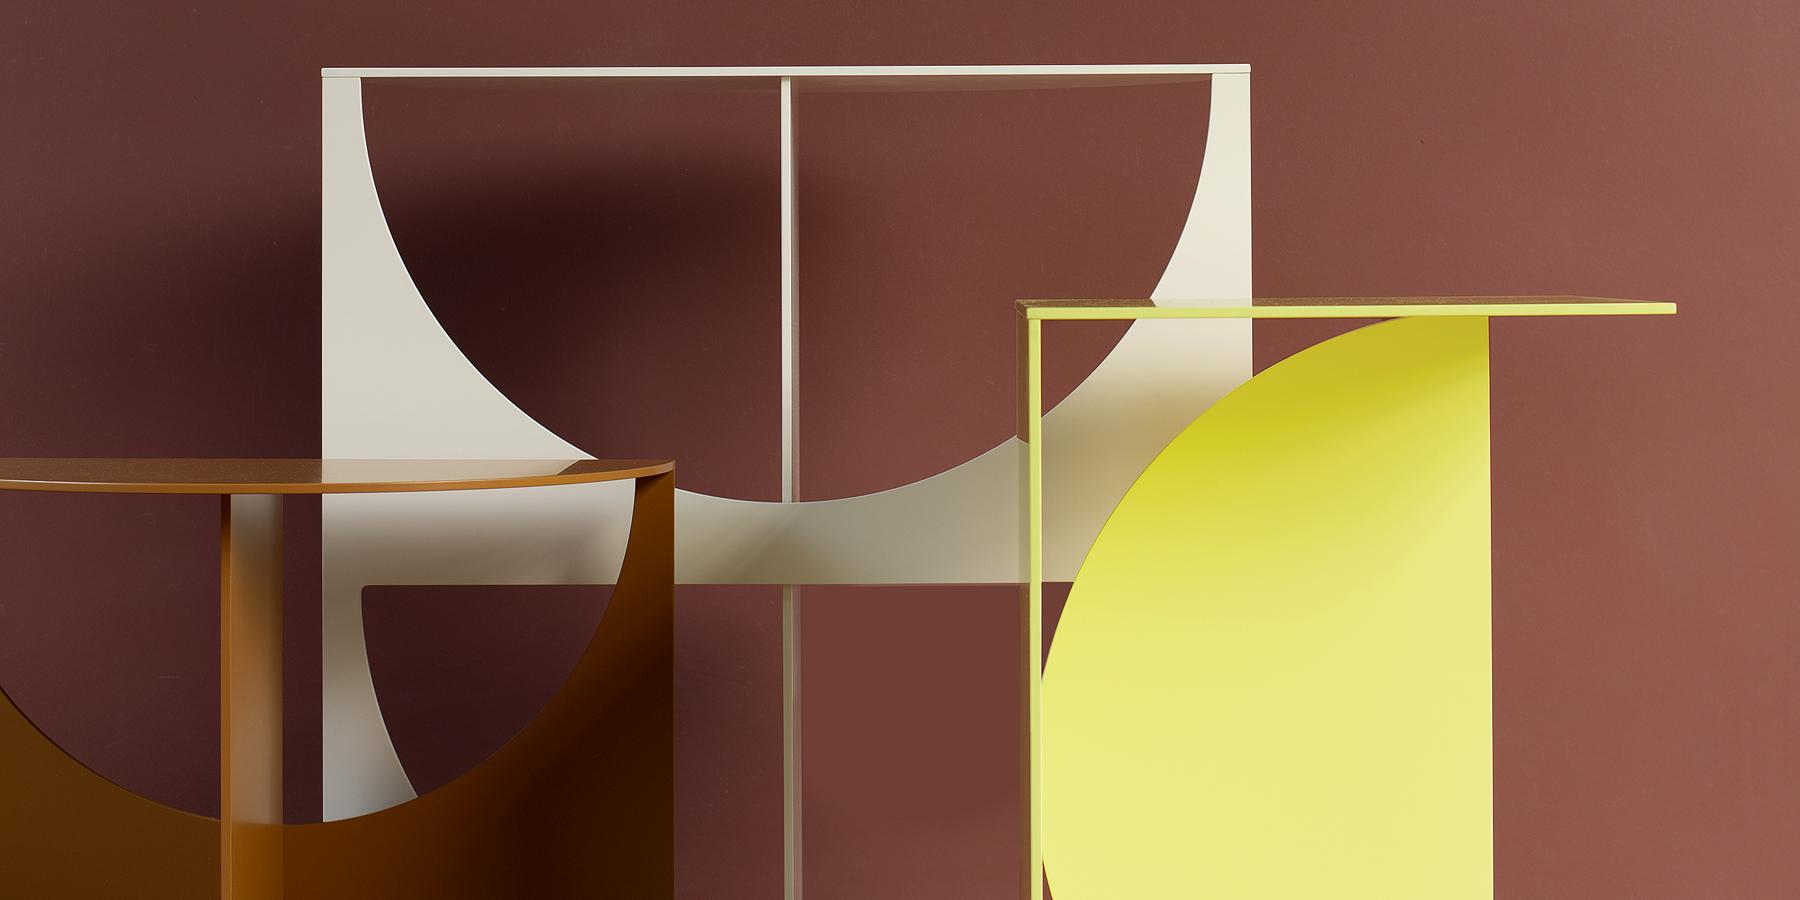 pical Beistelltisch – Color Match 2021